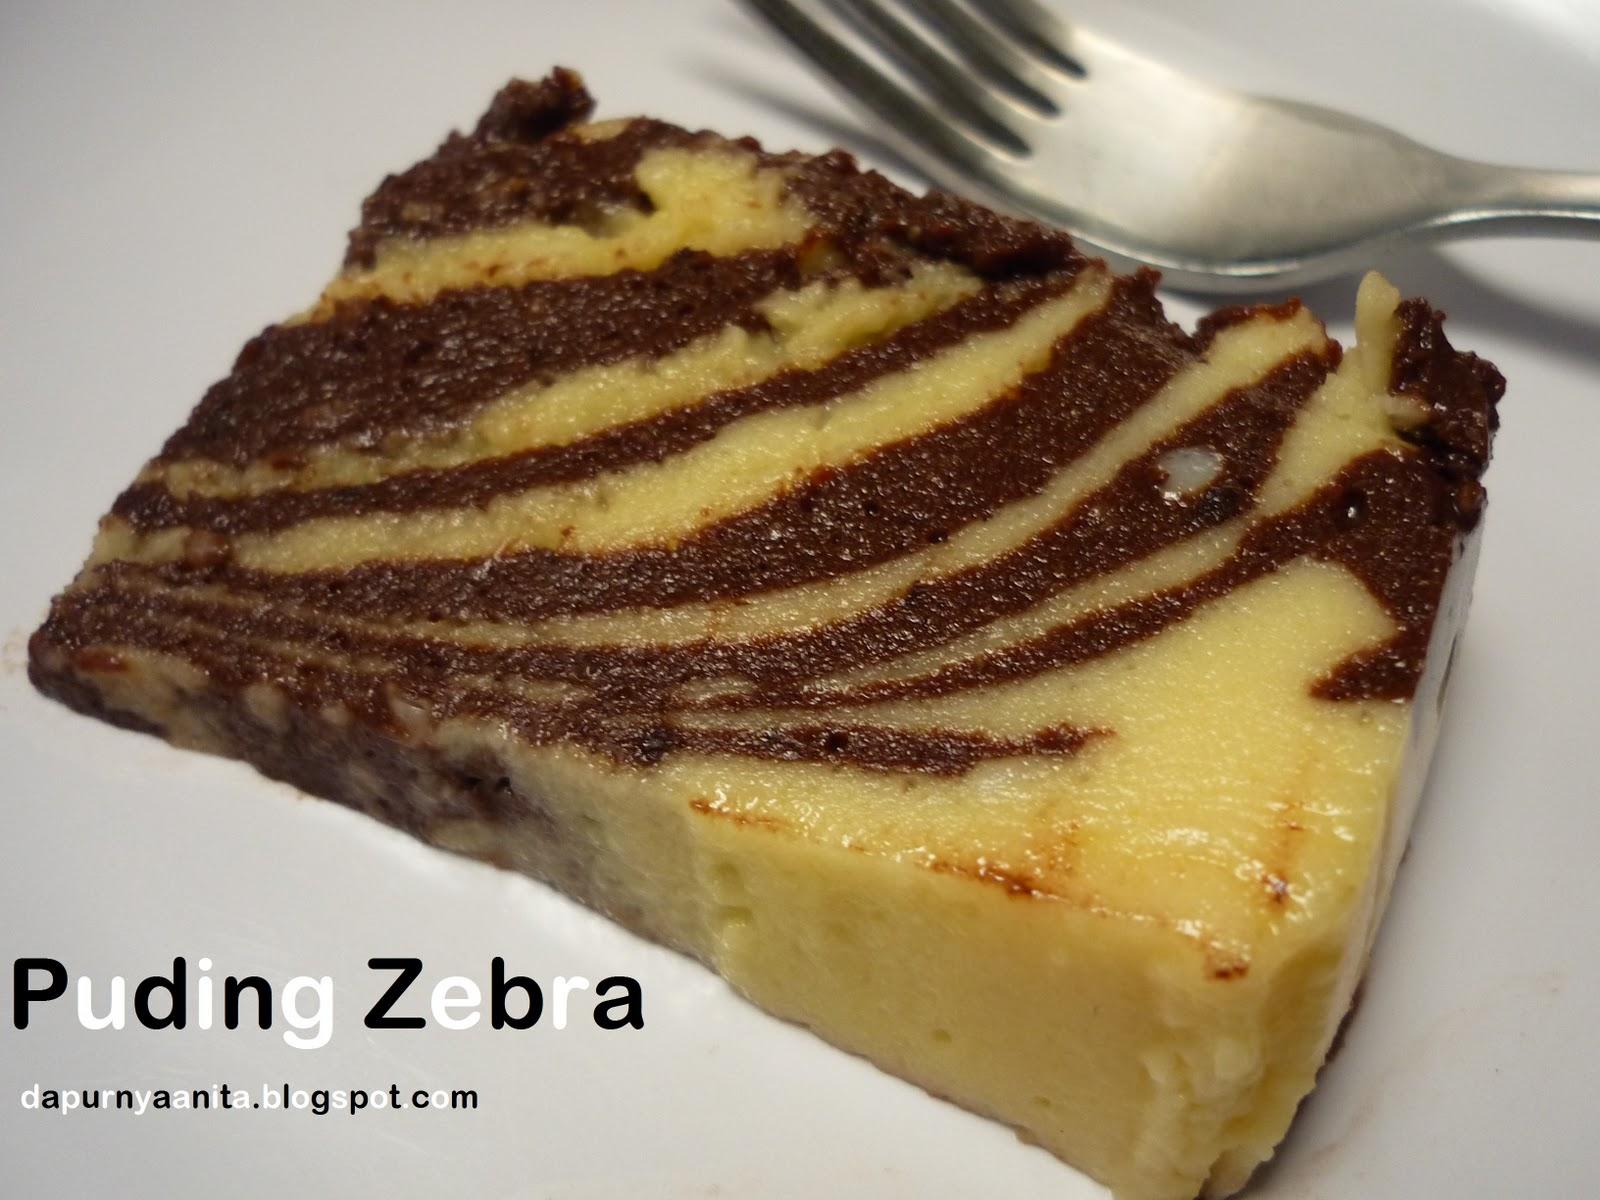 membuat roti zebra cara membuat puding zebra resep puding